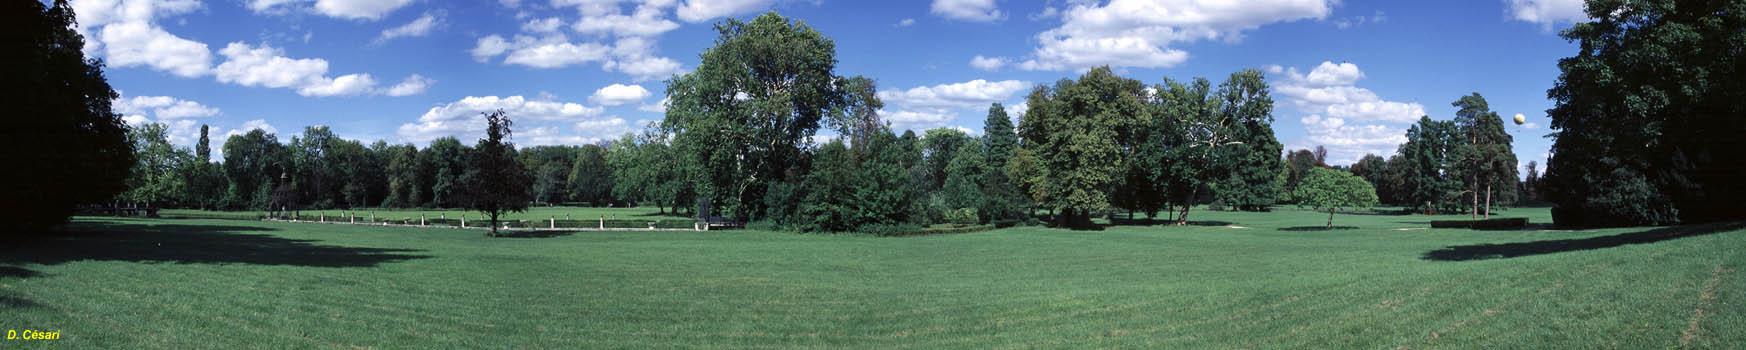 Chantilly historique plan vues du parc for Jardin anglais chantilly